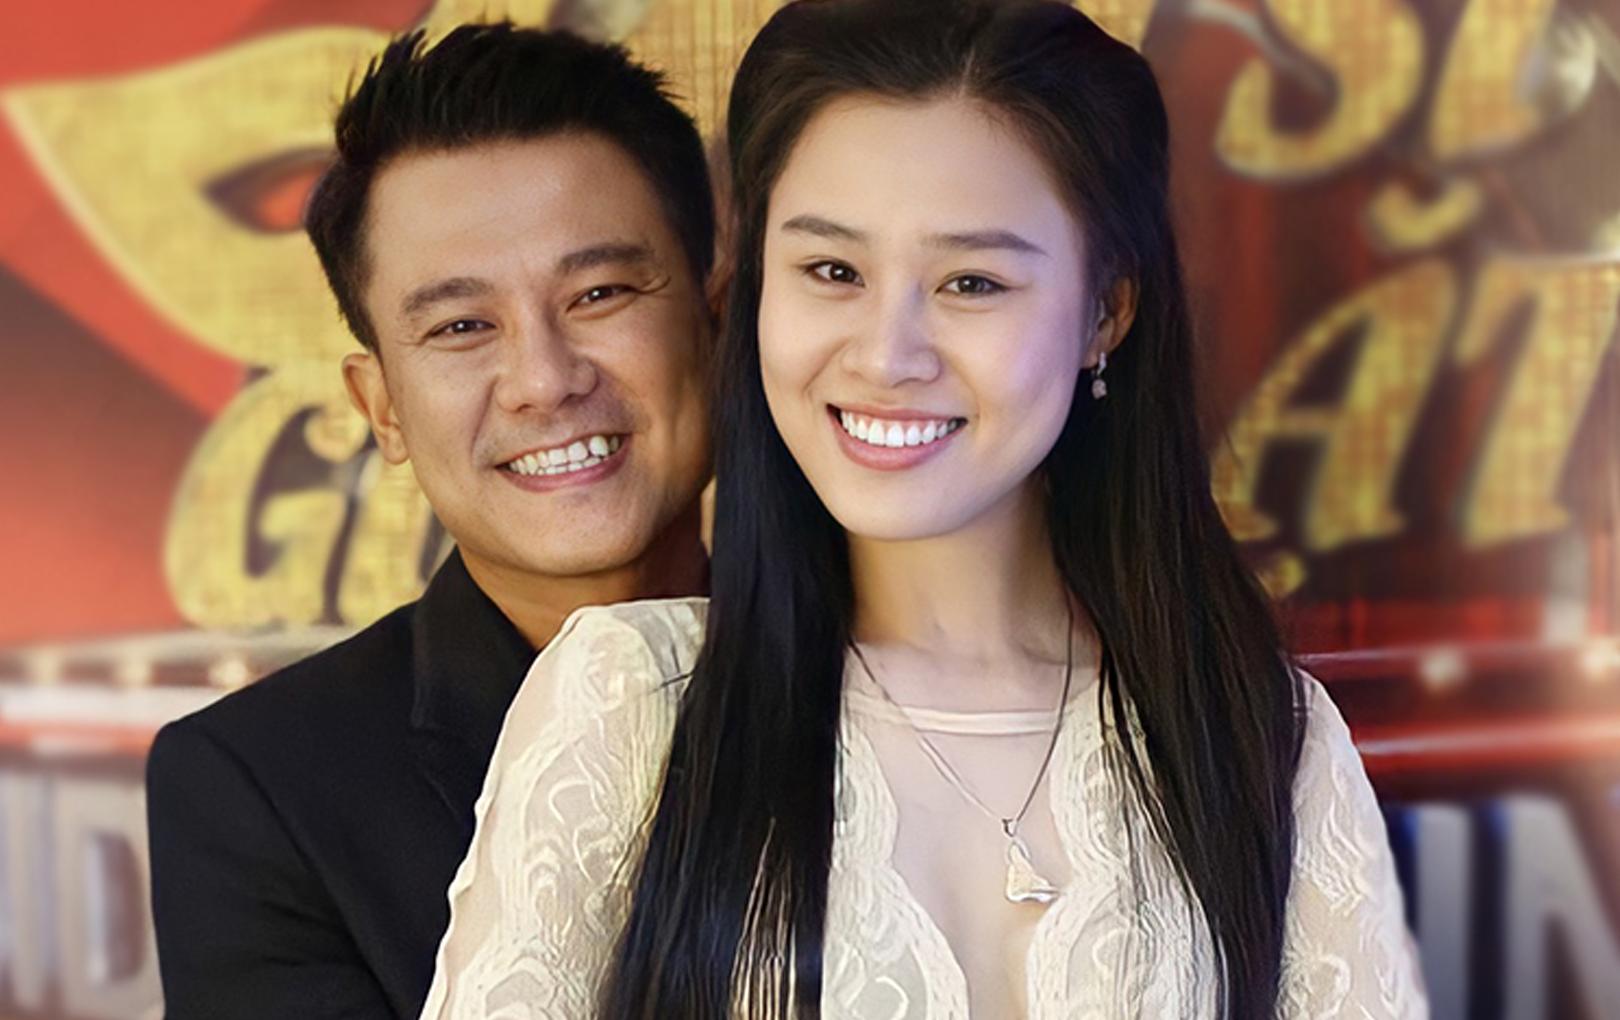 """Vợ hai cố NS Vân Quang Long thanh minh sau khi bị tố sống giả tạo: """"Dù Lan không sai, nhưng Lan chấp nhận hết lỗi về mình"""""""